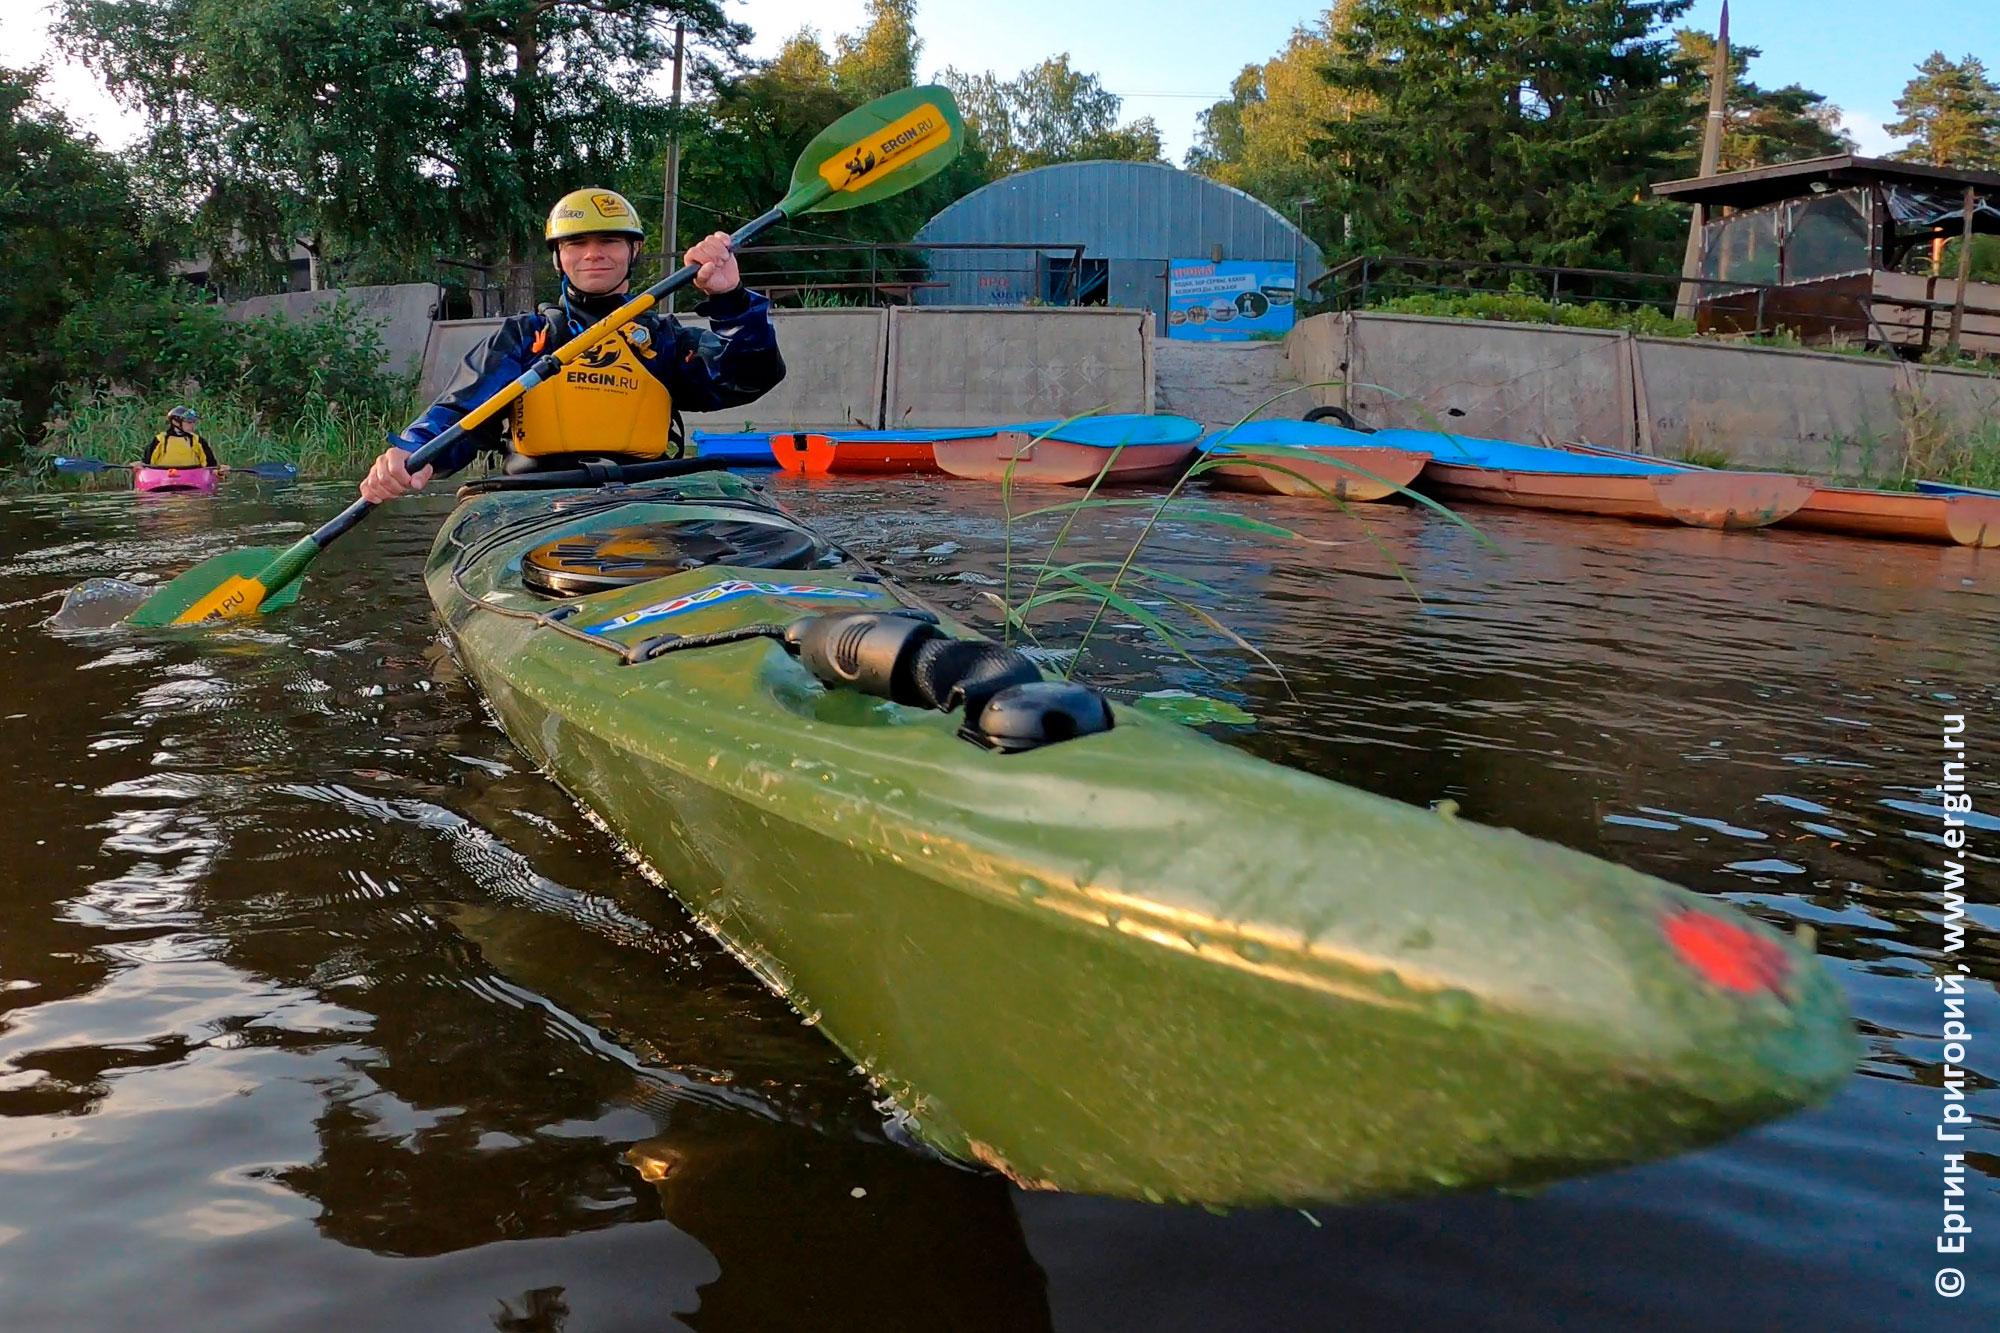 Туристический каяк Winner kayaks Expedition